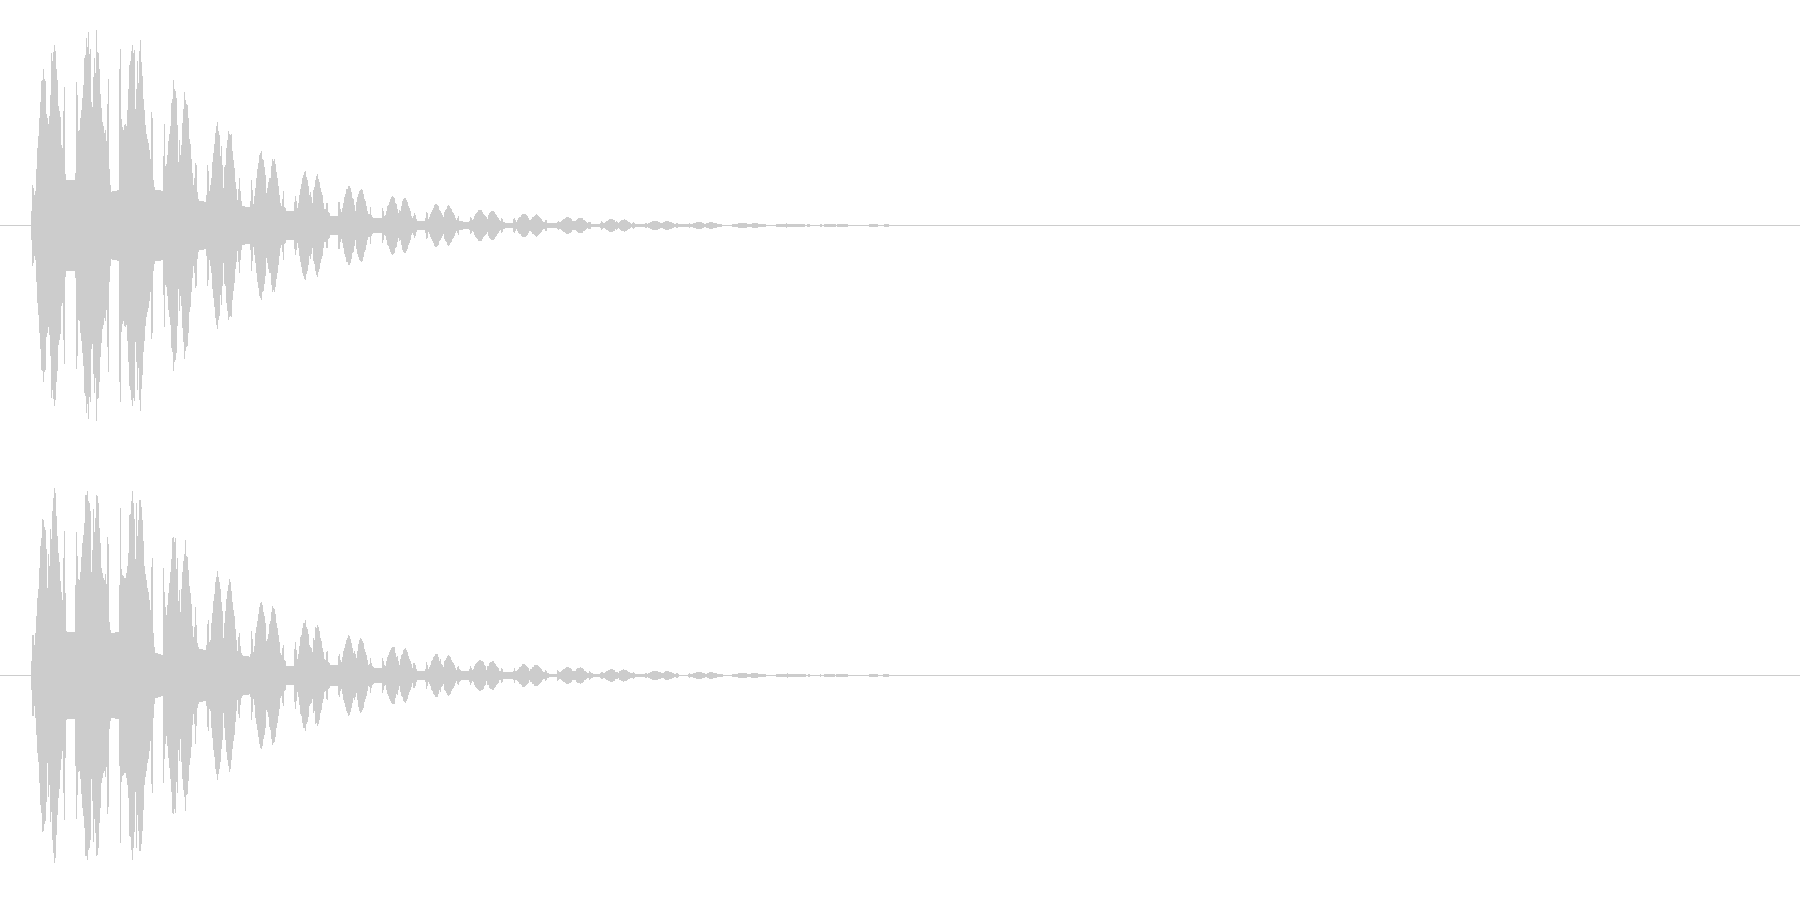 消える、ワープ等の未再生の波形